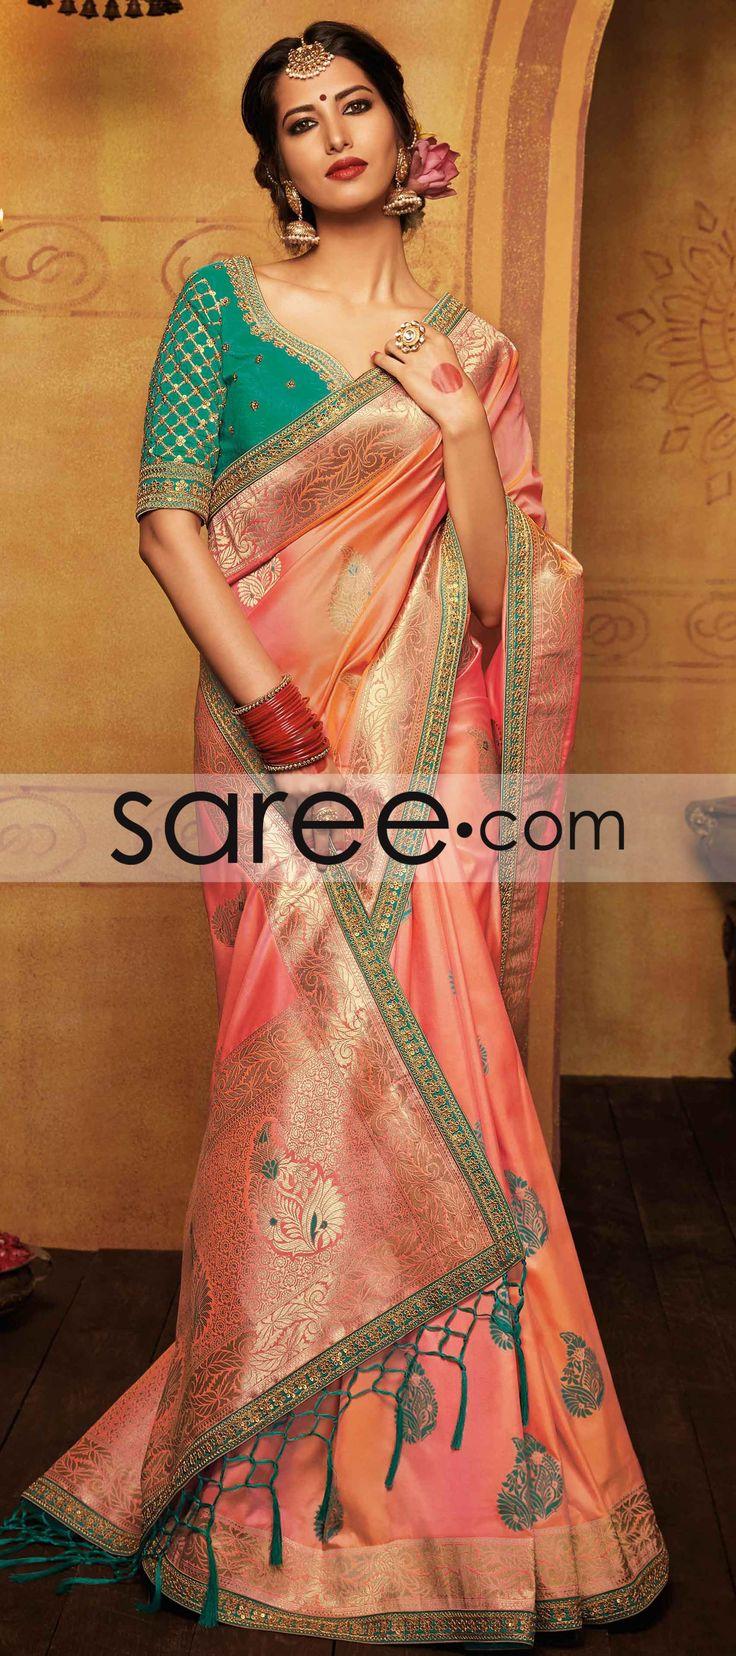 PINK SILK SAREE WITH WEAVING #Saree #GeorgetteSarees #IndianSaree #Sarees #SilkSarees #PartywearSarees #RegularwearSarees #officeWearSarees #WeddingSarees #BuyOnline #OnlieSarees #NetSarees #ChiffonSarees #DesignerSarees #SareeFashion